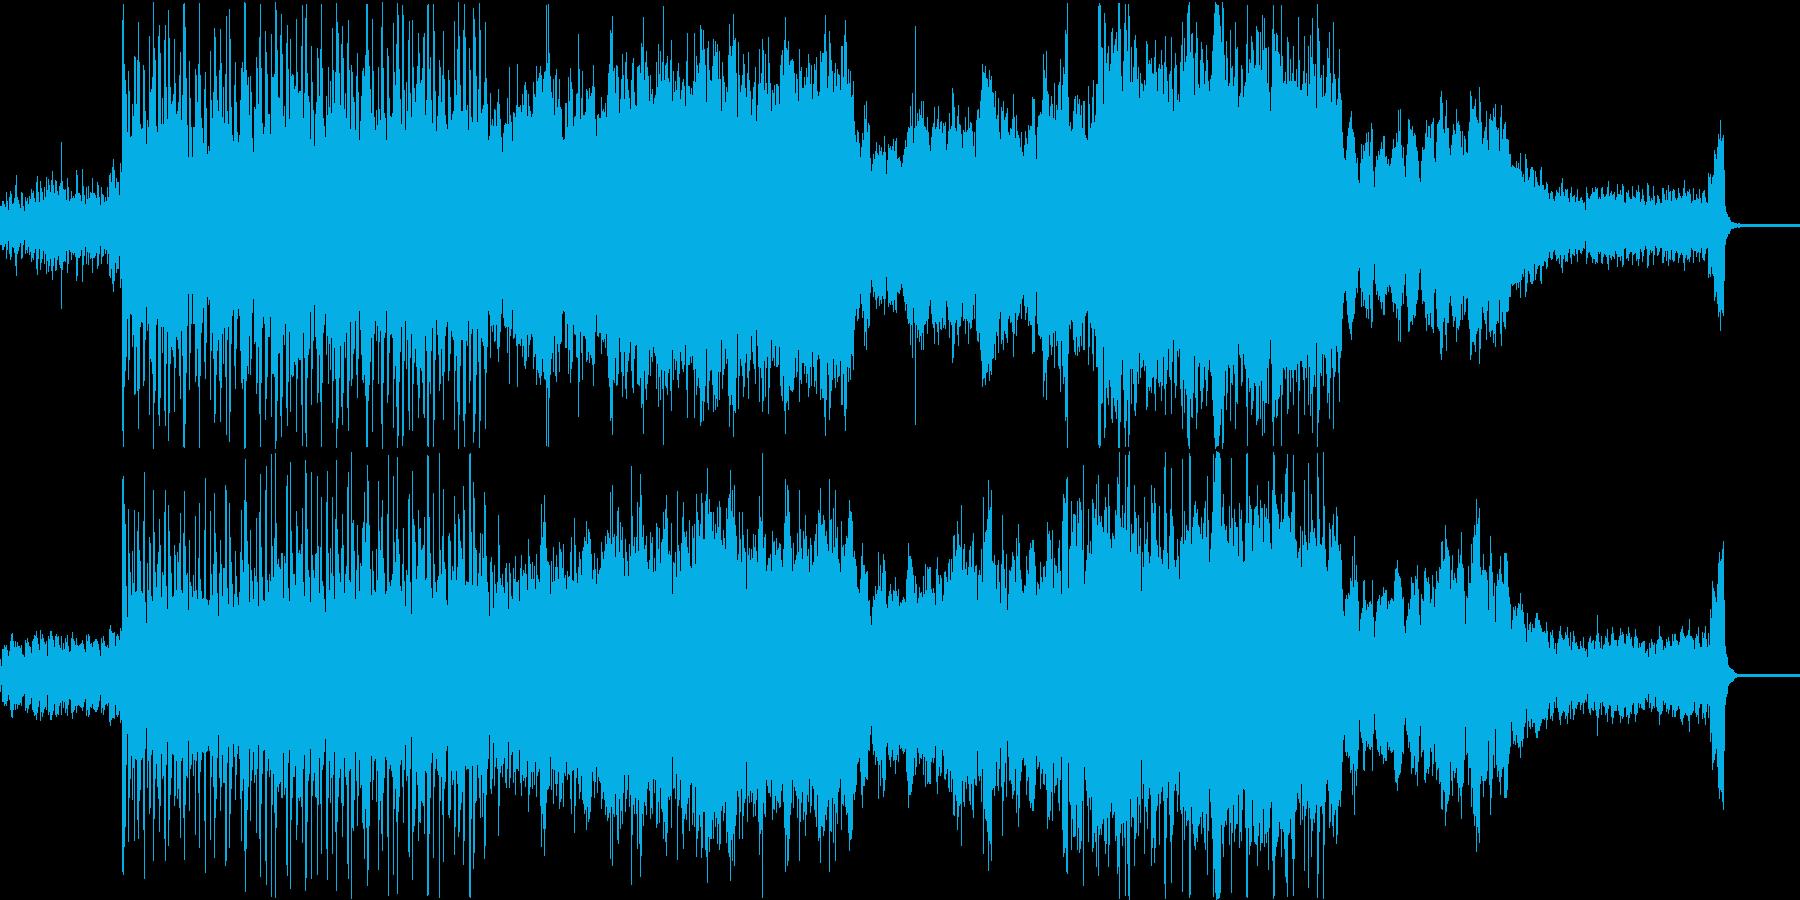 【ドラム・ベース抜き】優しく切ない、感…の再生済みの波形